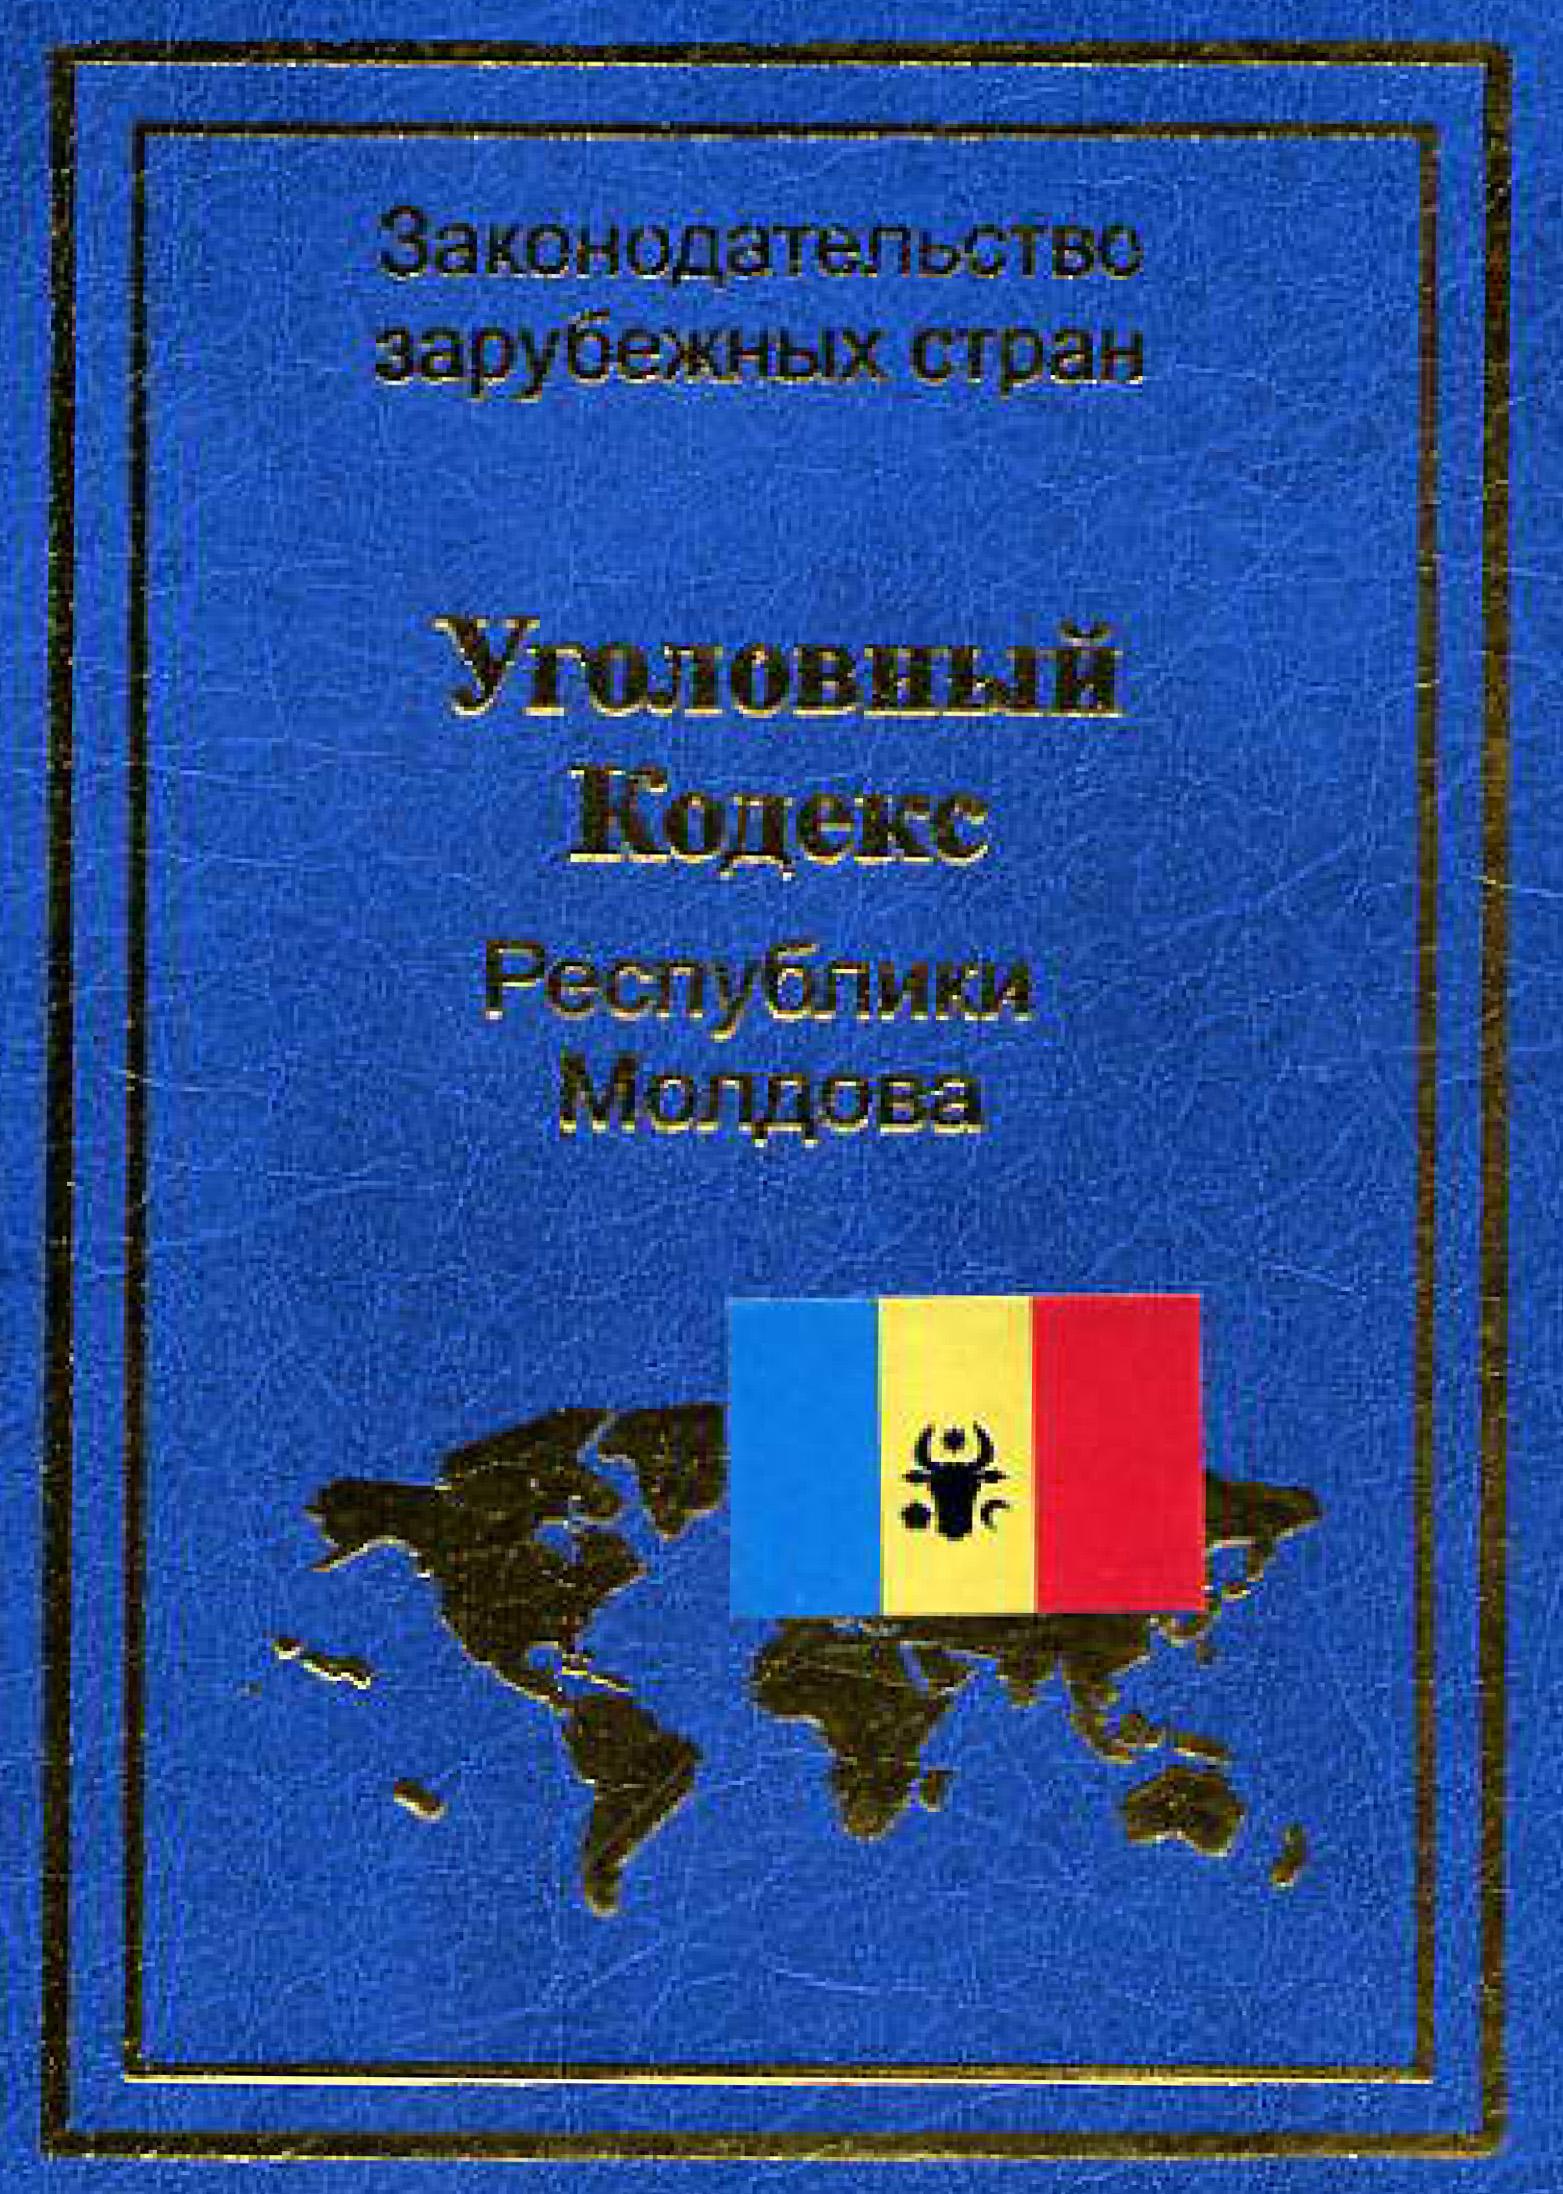 Нормативные правовые акты Уголовный кодекс Республики Молдова отсутствует уголовный кодекс федеративной республики германии